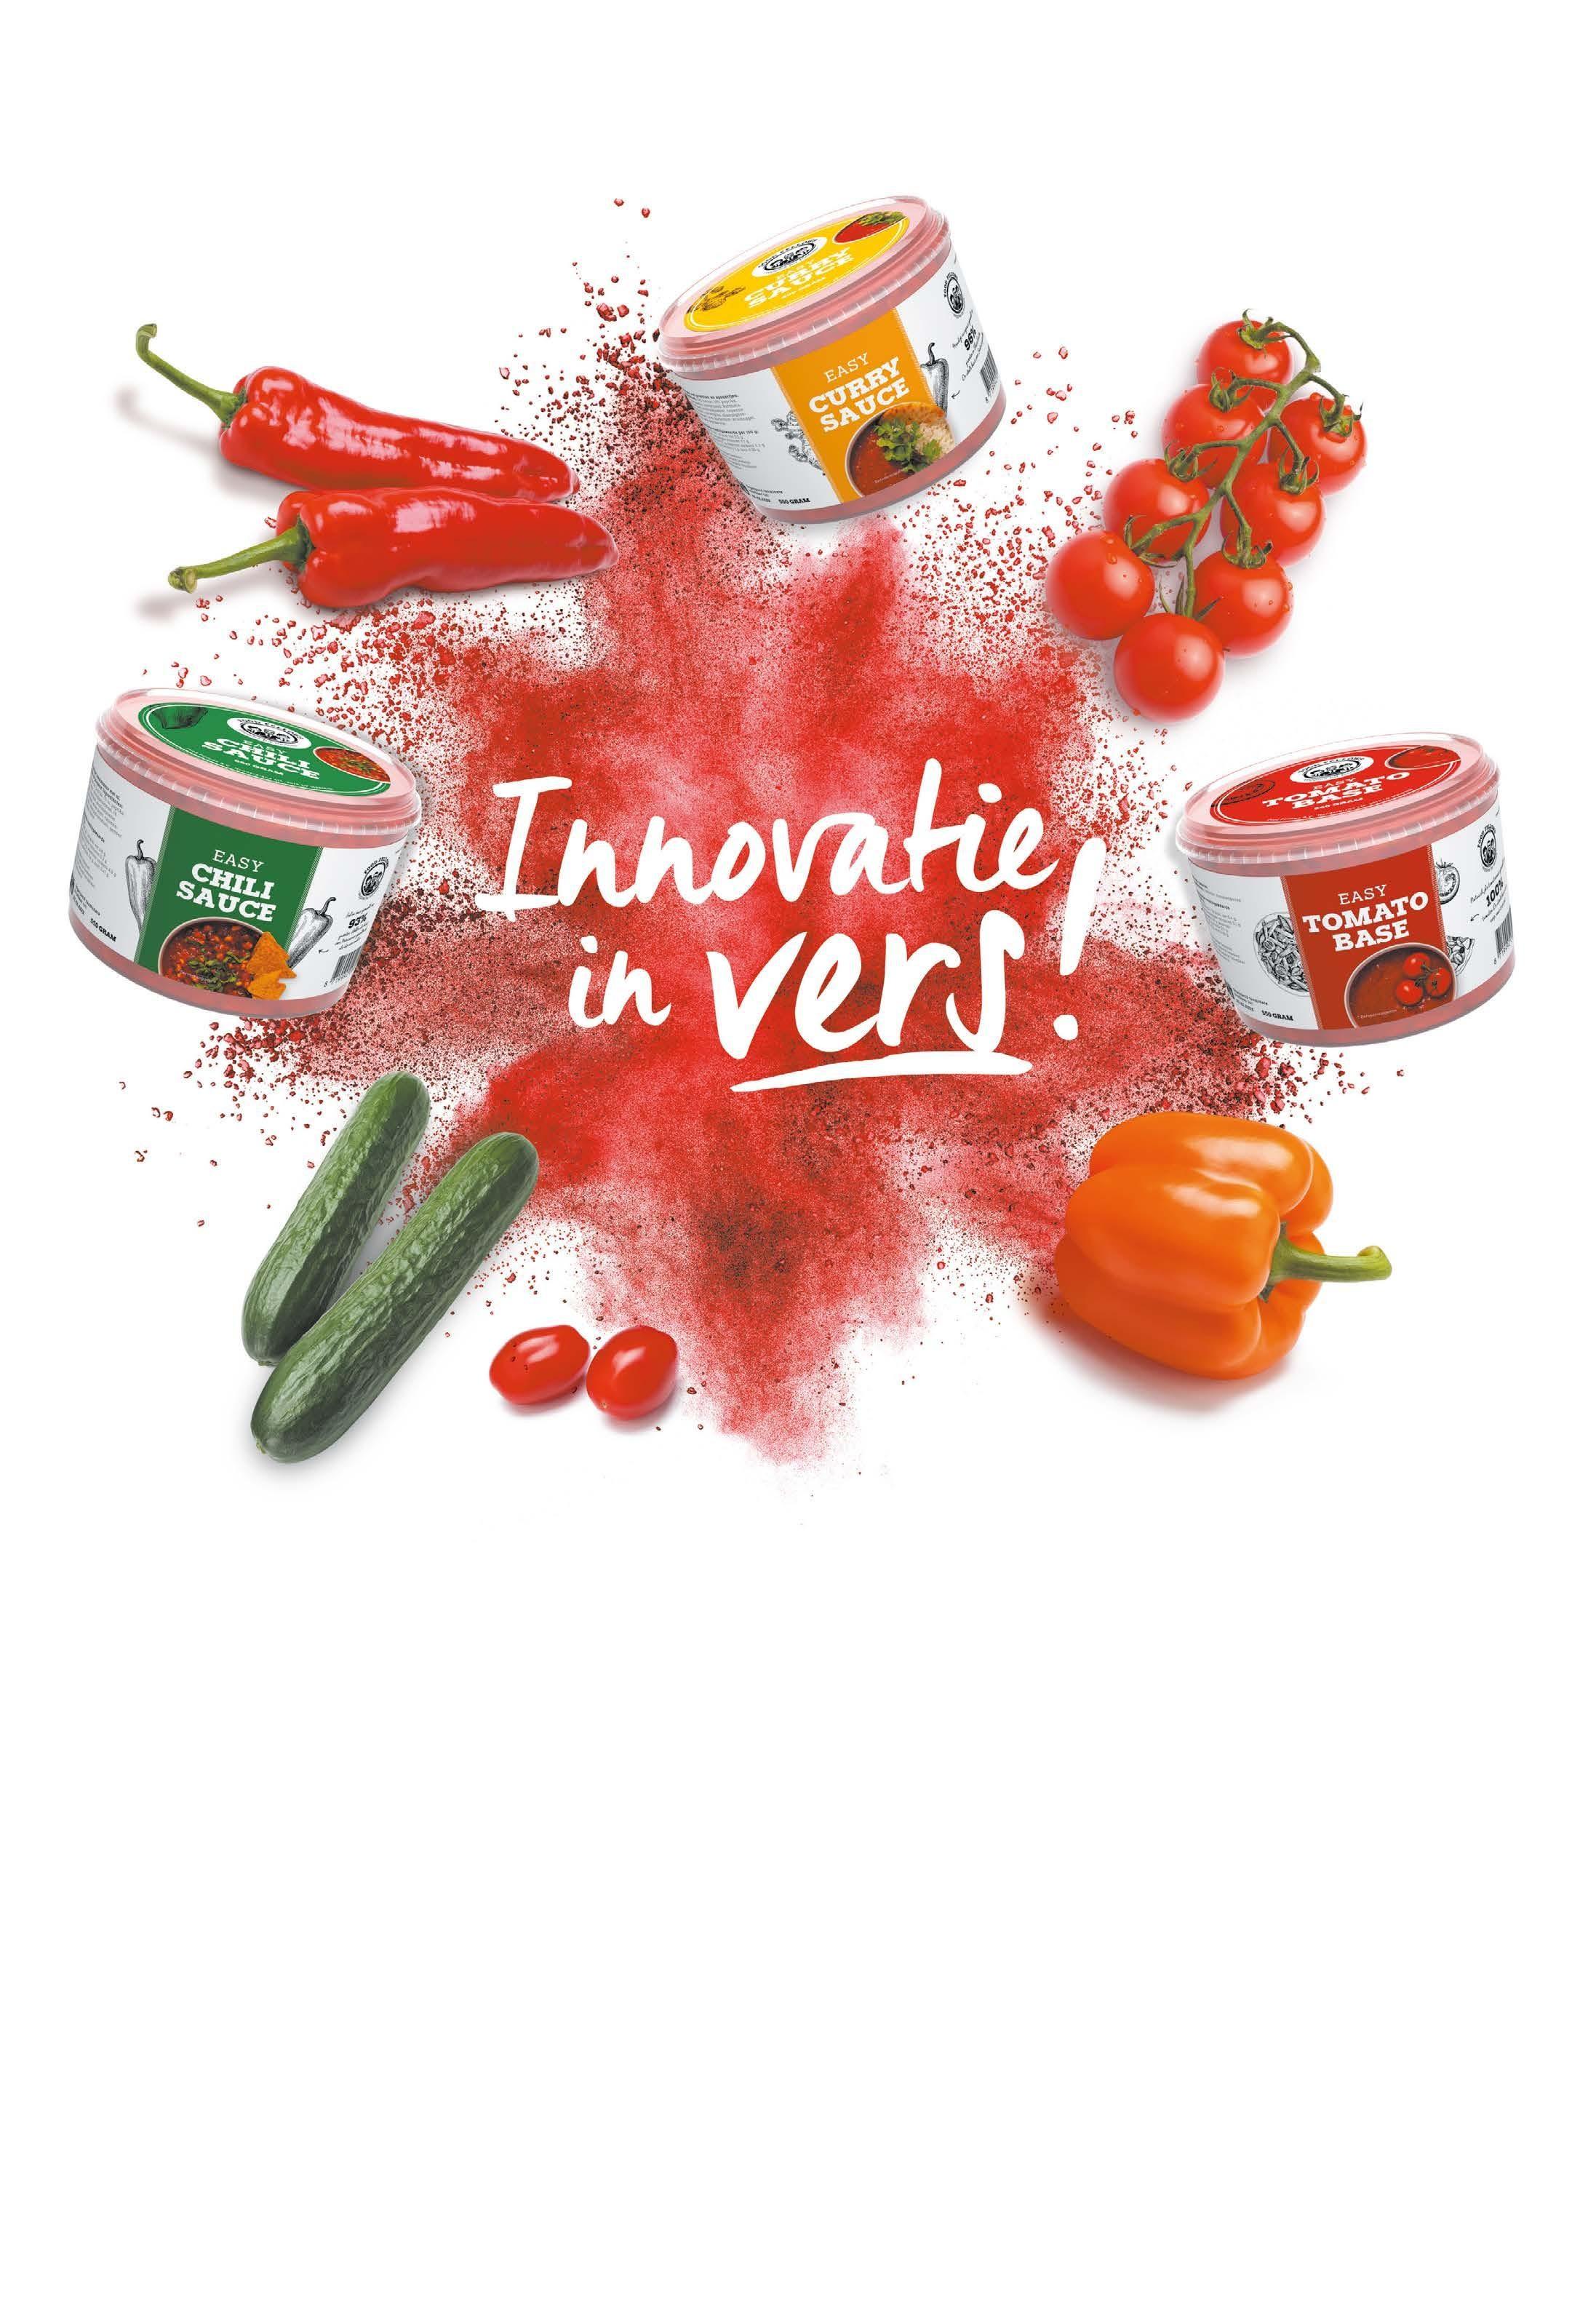 Page 20 of groente en fruit Steeds meer shopperkennis verwacht van